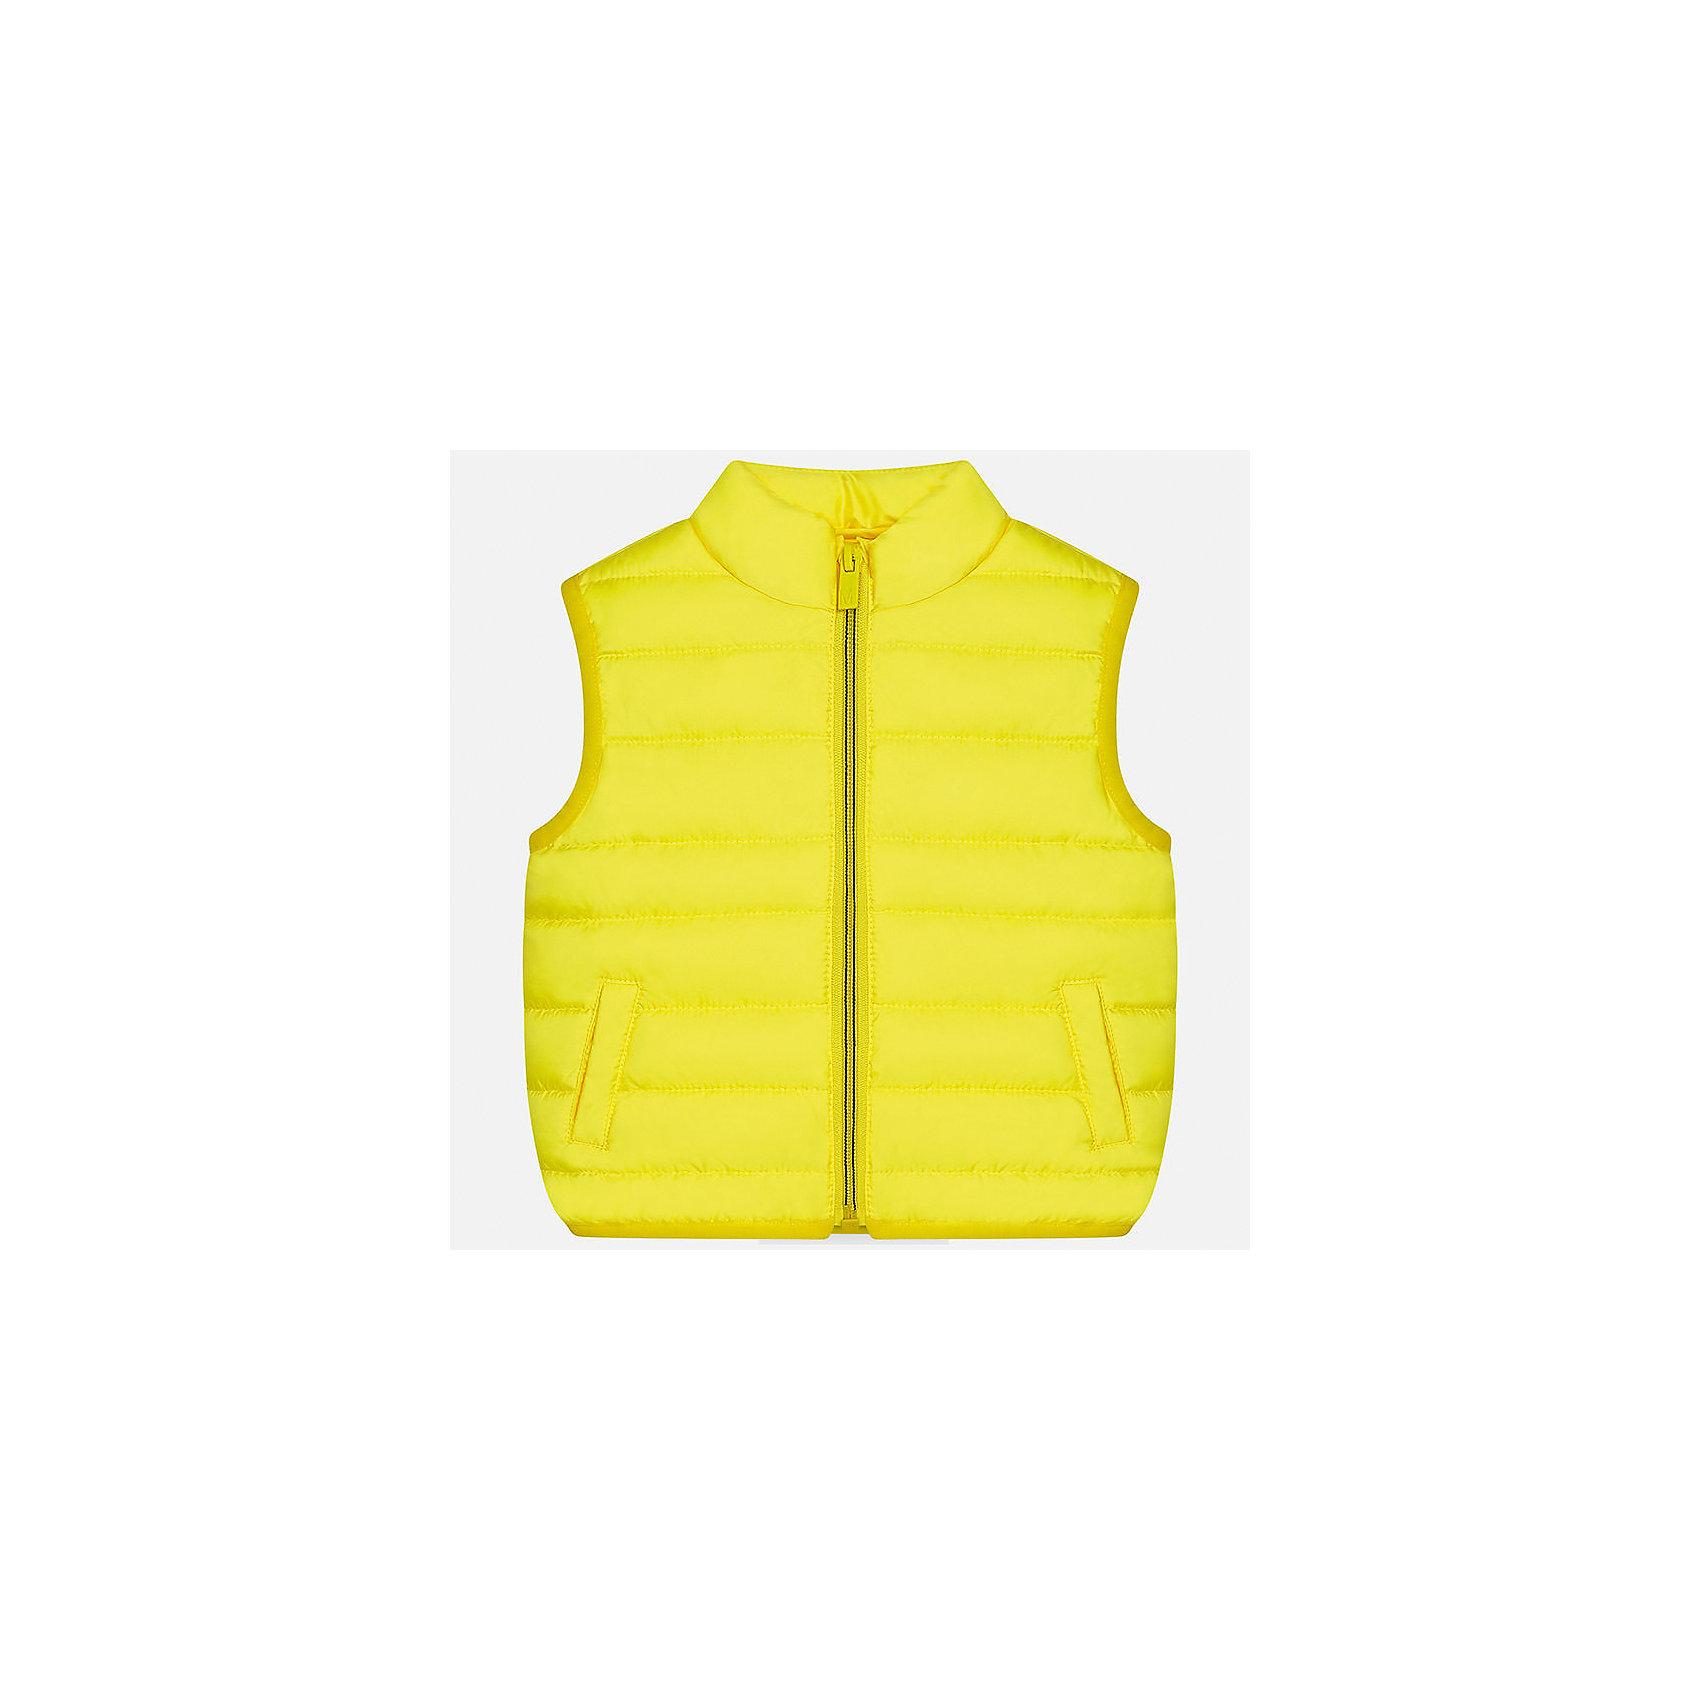 Жилет для мальчика MayoralВерхняя одежда<br>Характеристики товара:<br><br>• цвет: жёлтый<br>• состав: 100% полиэстер<br>• температурный режим: +10°до +20°С<br>• без рукавов<br>• карманы<br>• молния <br>• воротник - стойка<br>• страна бренда: Испания<br><br>Стильный жилет для мальчика поможет разнообразить гардероб ребенка и обеспечить тепло. Он отлично сочетается и с джинсами, и с брюками. Универсальный цвет позволяет подобрать к вещи низ различных расцветок. Модное и практичное изделие.<br>Одежда, обувь и аксессуары от испанского бренда Mayoral полюбились детям и взрослым по всему миру. Модели этой марки - стильные и удобные. Для их производства используются только безопасные, качественные материалы и фурнитура. Порадуйте ребенка модными и красивыми вещами от Mayoral! <br><br>Жилет для мальчика от испанского бренда Mayoral (Майорал) можно купить в нашем интернет-магазине.<br><br>Ширина мм: 190<br>Глубина мм: 74<br>Высота мм: 229<br>Вес г: 236<br>Цвет: желтый<br>Возраст от месяцев: 12<br>Возраст до месяцев: 15<br>Пол: Мужской<br>Возраст: Детский<br>Размер: 80,92,86<br>SKU: 5279553